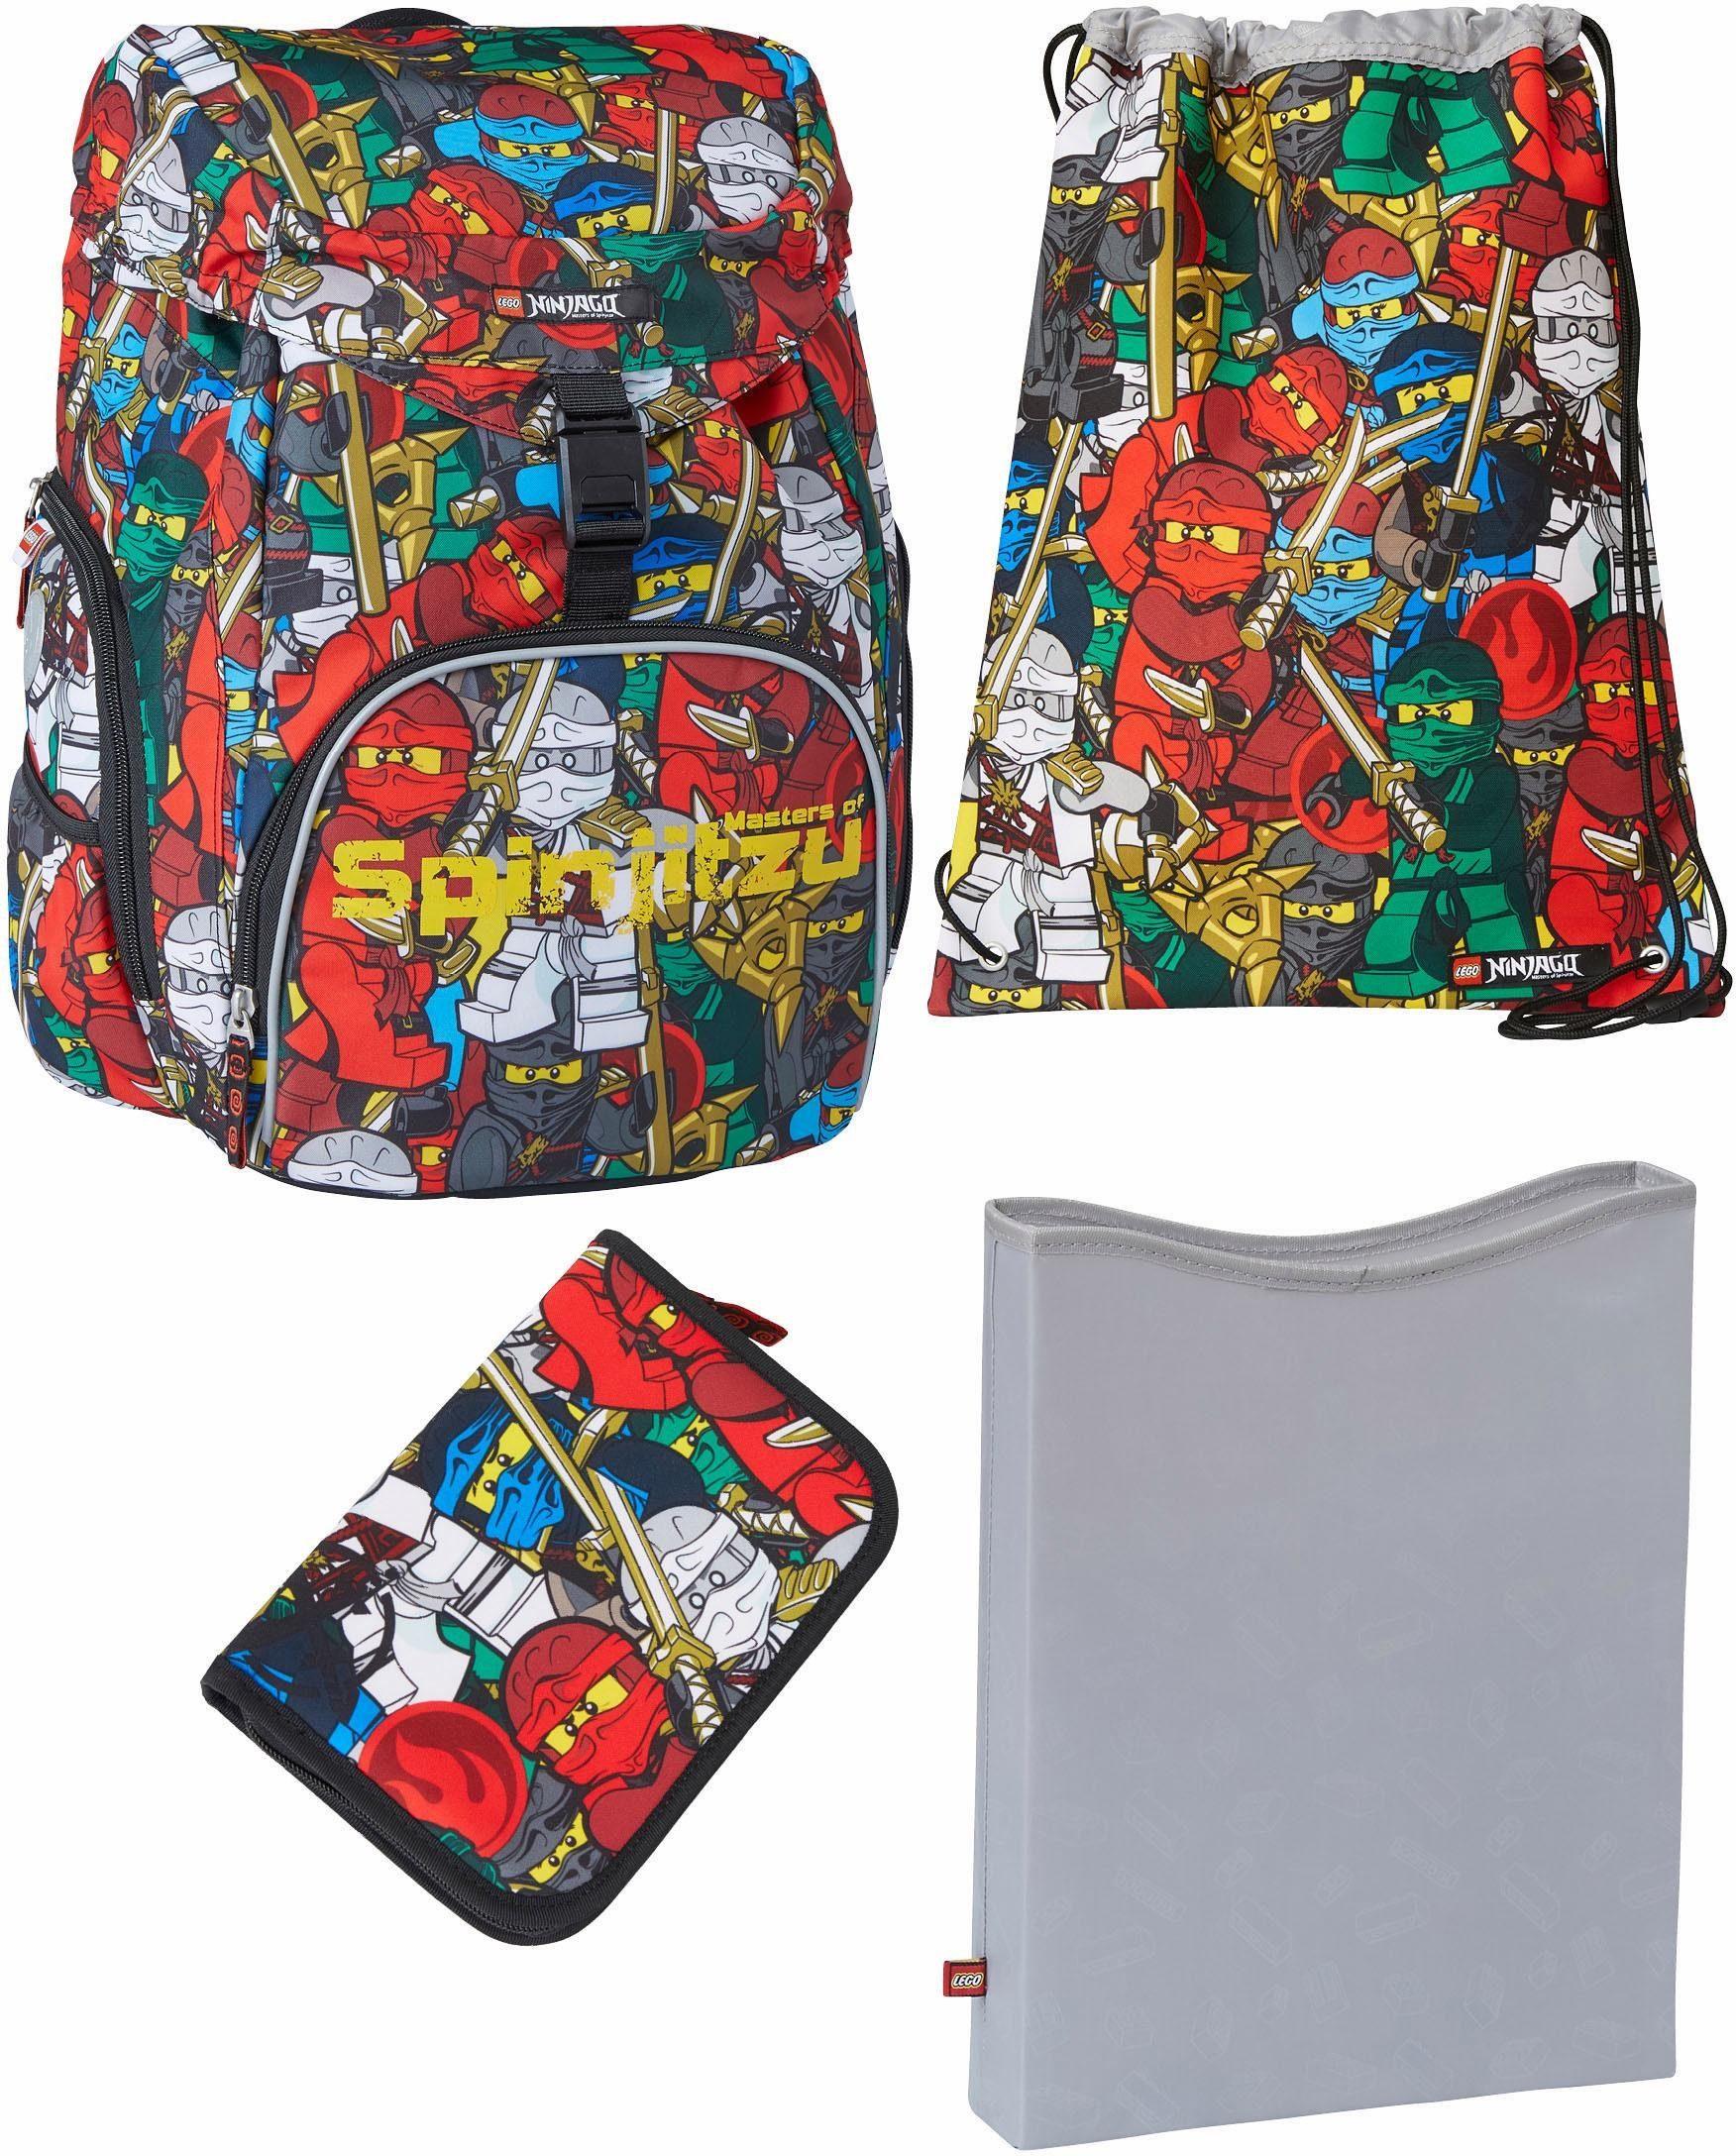 LEGO® Schulranzen Set 4-tlg., »OUTBAG DELUXE, LEGO® NINJAGO®, Comic«